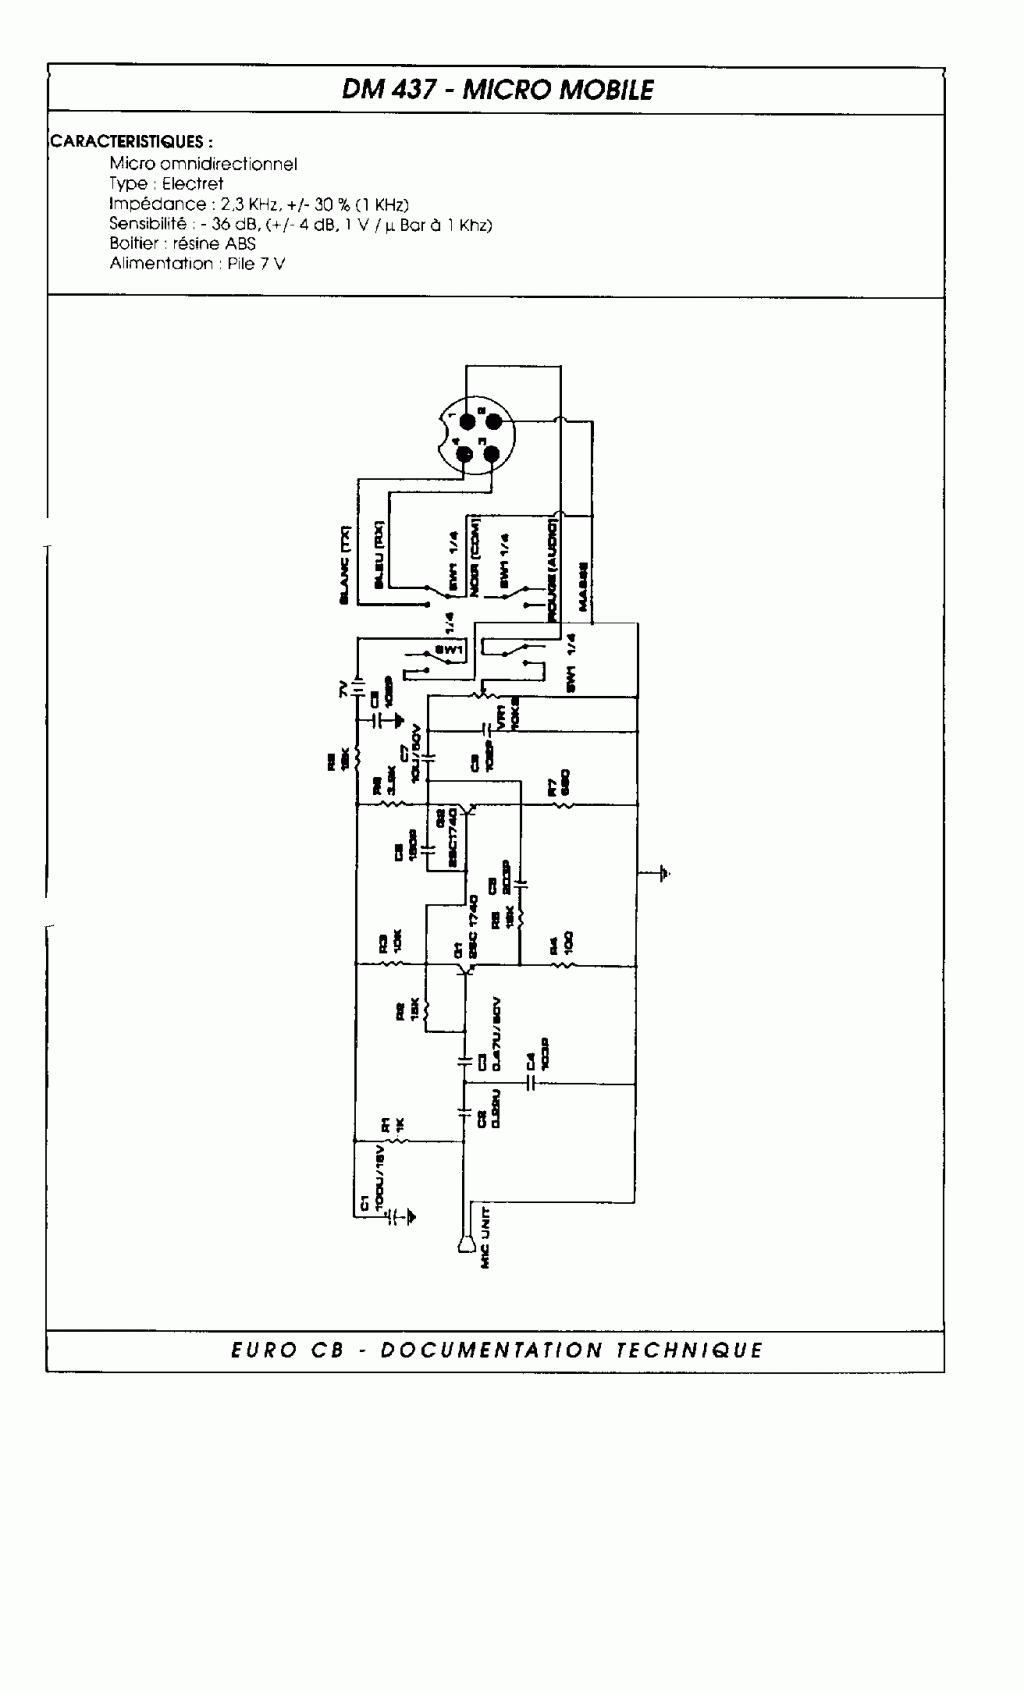 EuroCB DM-437 (Pan DM-437 (Micro mobile) Dm437-10